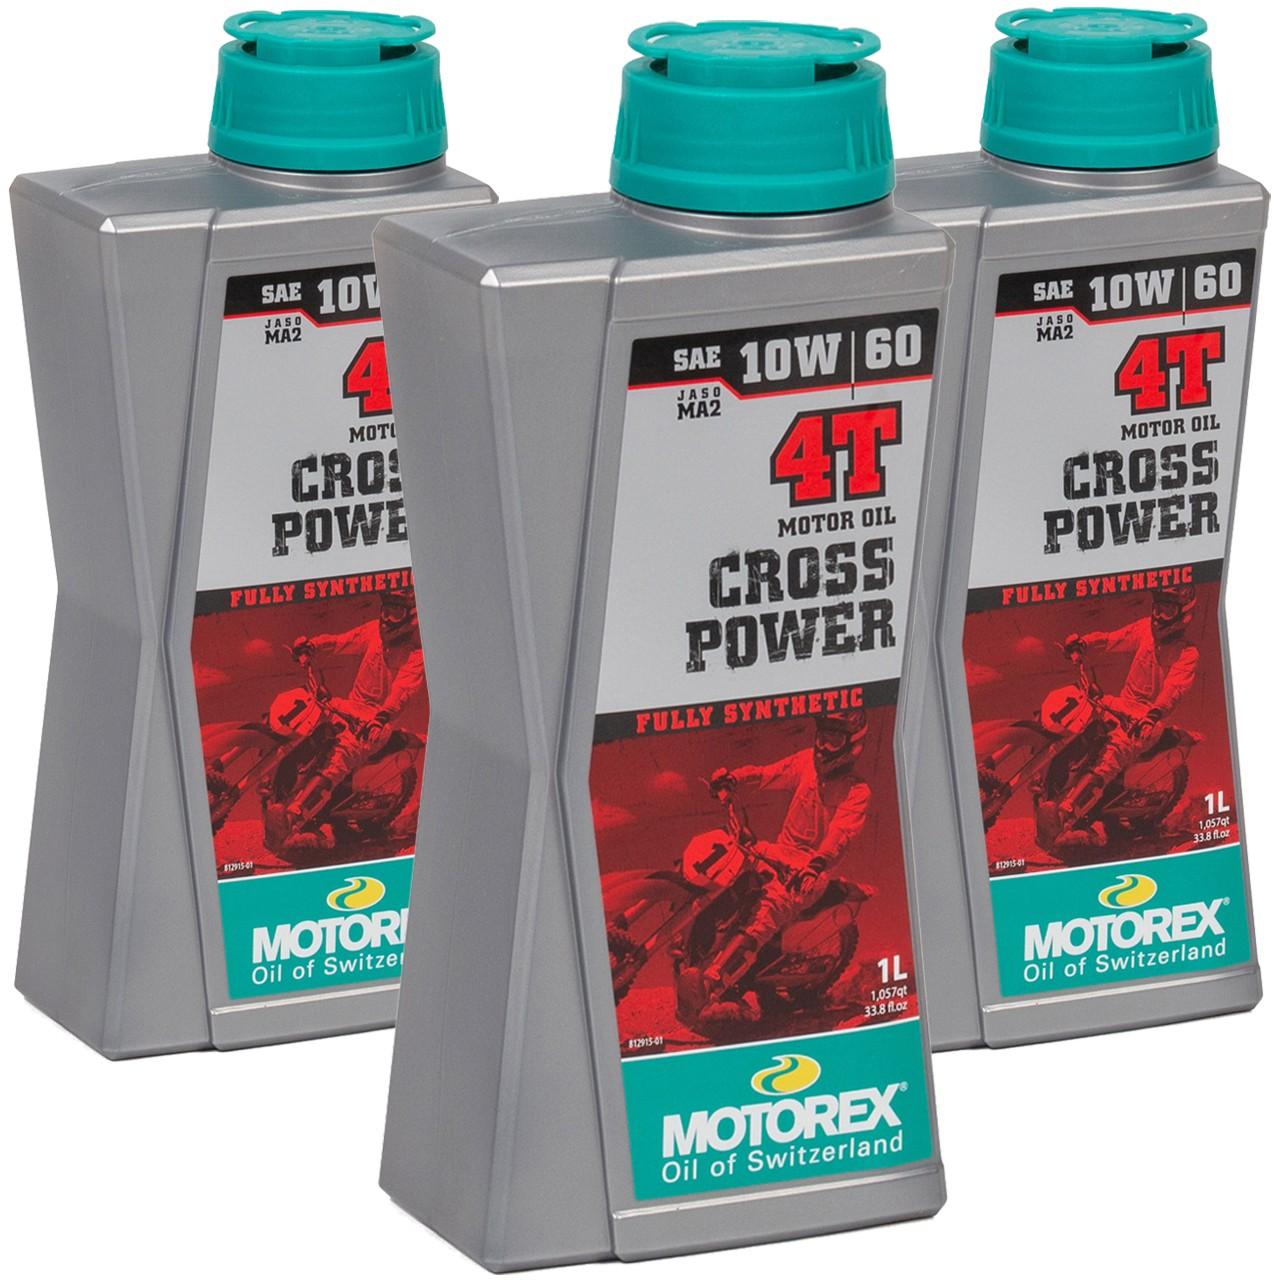 MOTOREX Cross Power 4T Motoröl Öl 10W60 JASO MA2 API SL/SH/SG - 3L 3 Liter